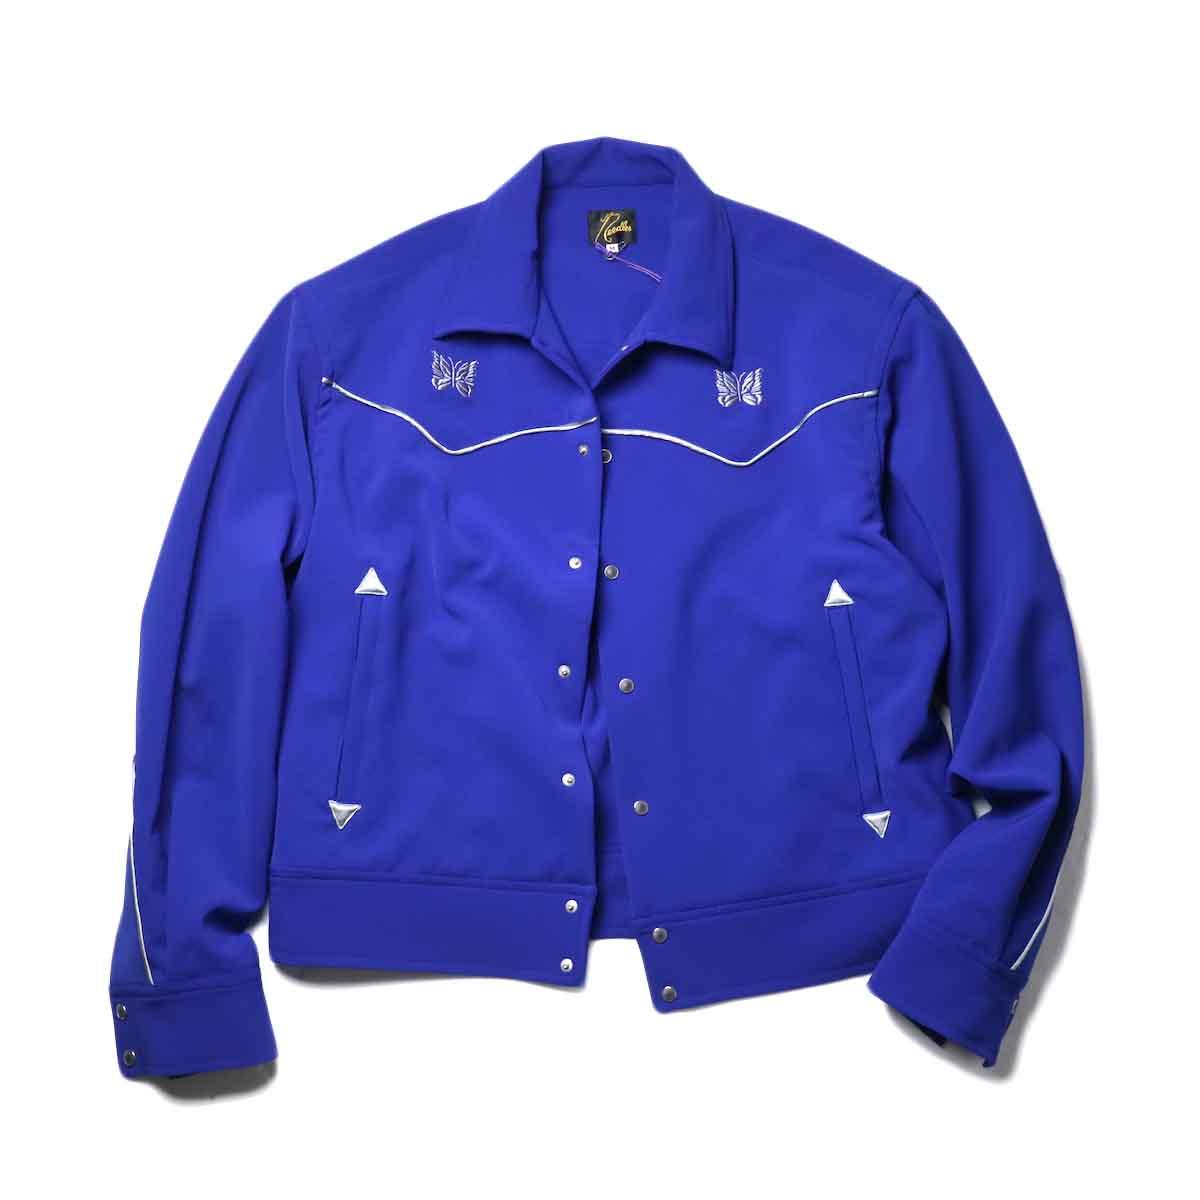 Needles / PIPING COWBOY JAC - PE/PU DOUBLE CLOTH (Royal)